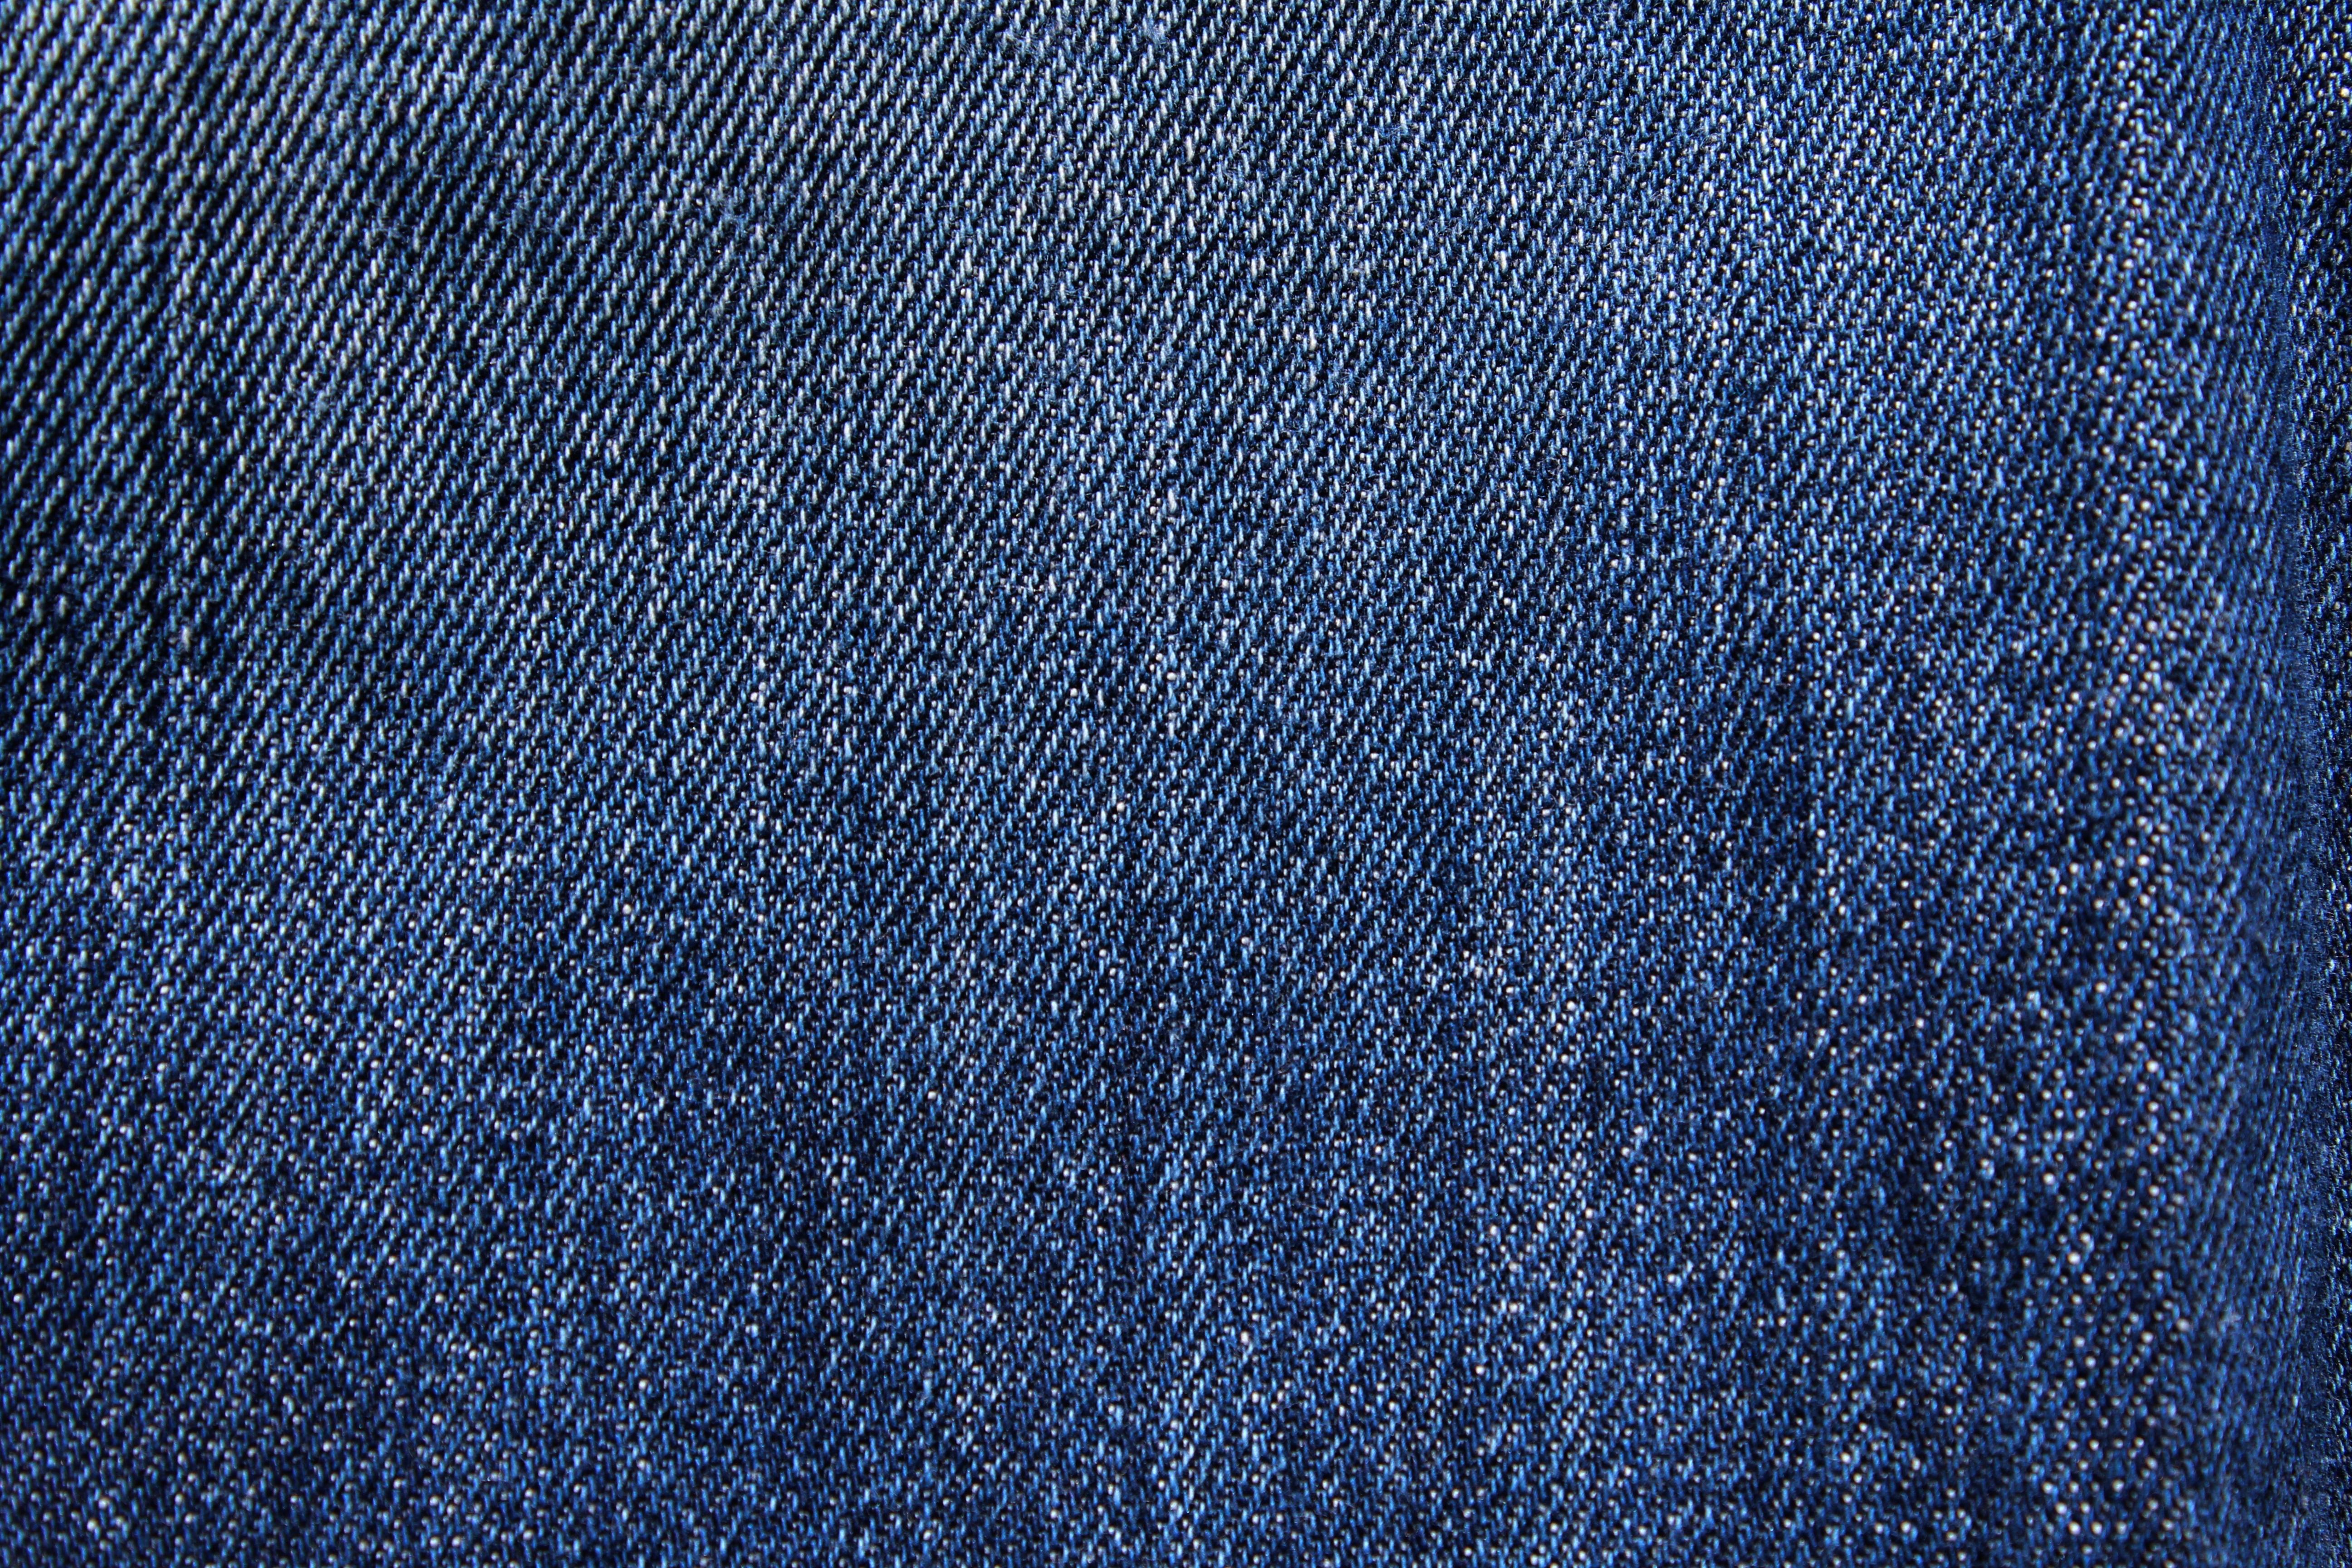 b3eabd737 Fotos gratis : textura, patrón, tienda, pantalones, colección, Moda ...